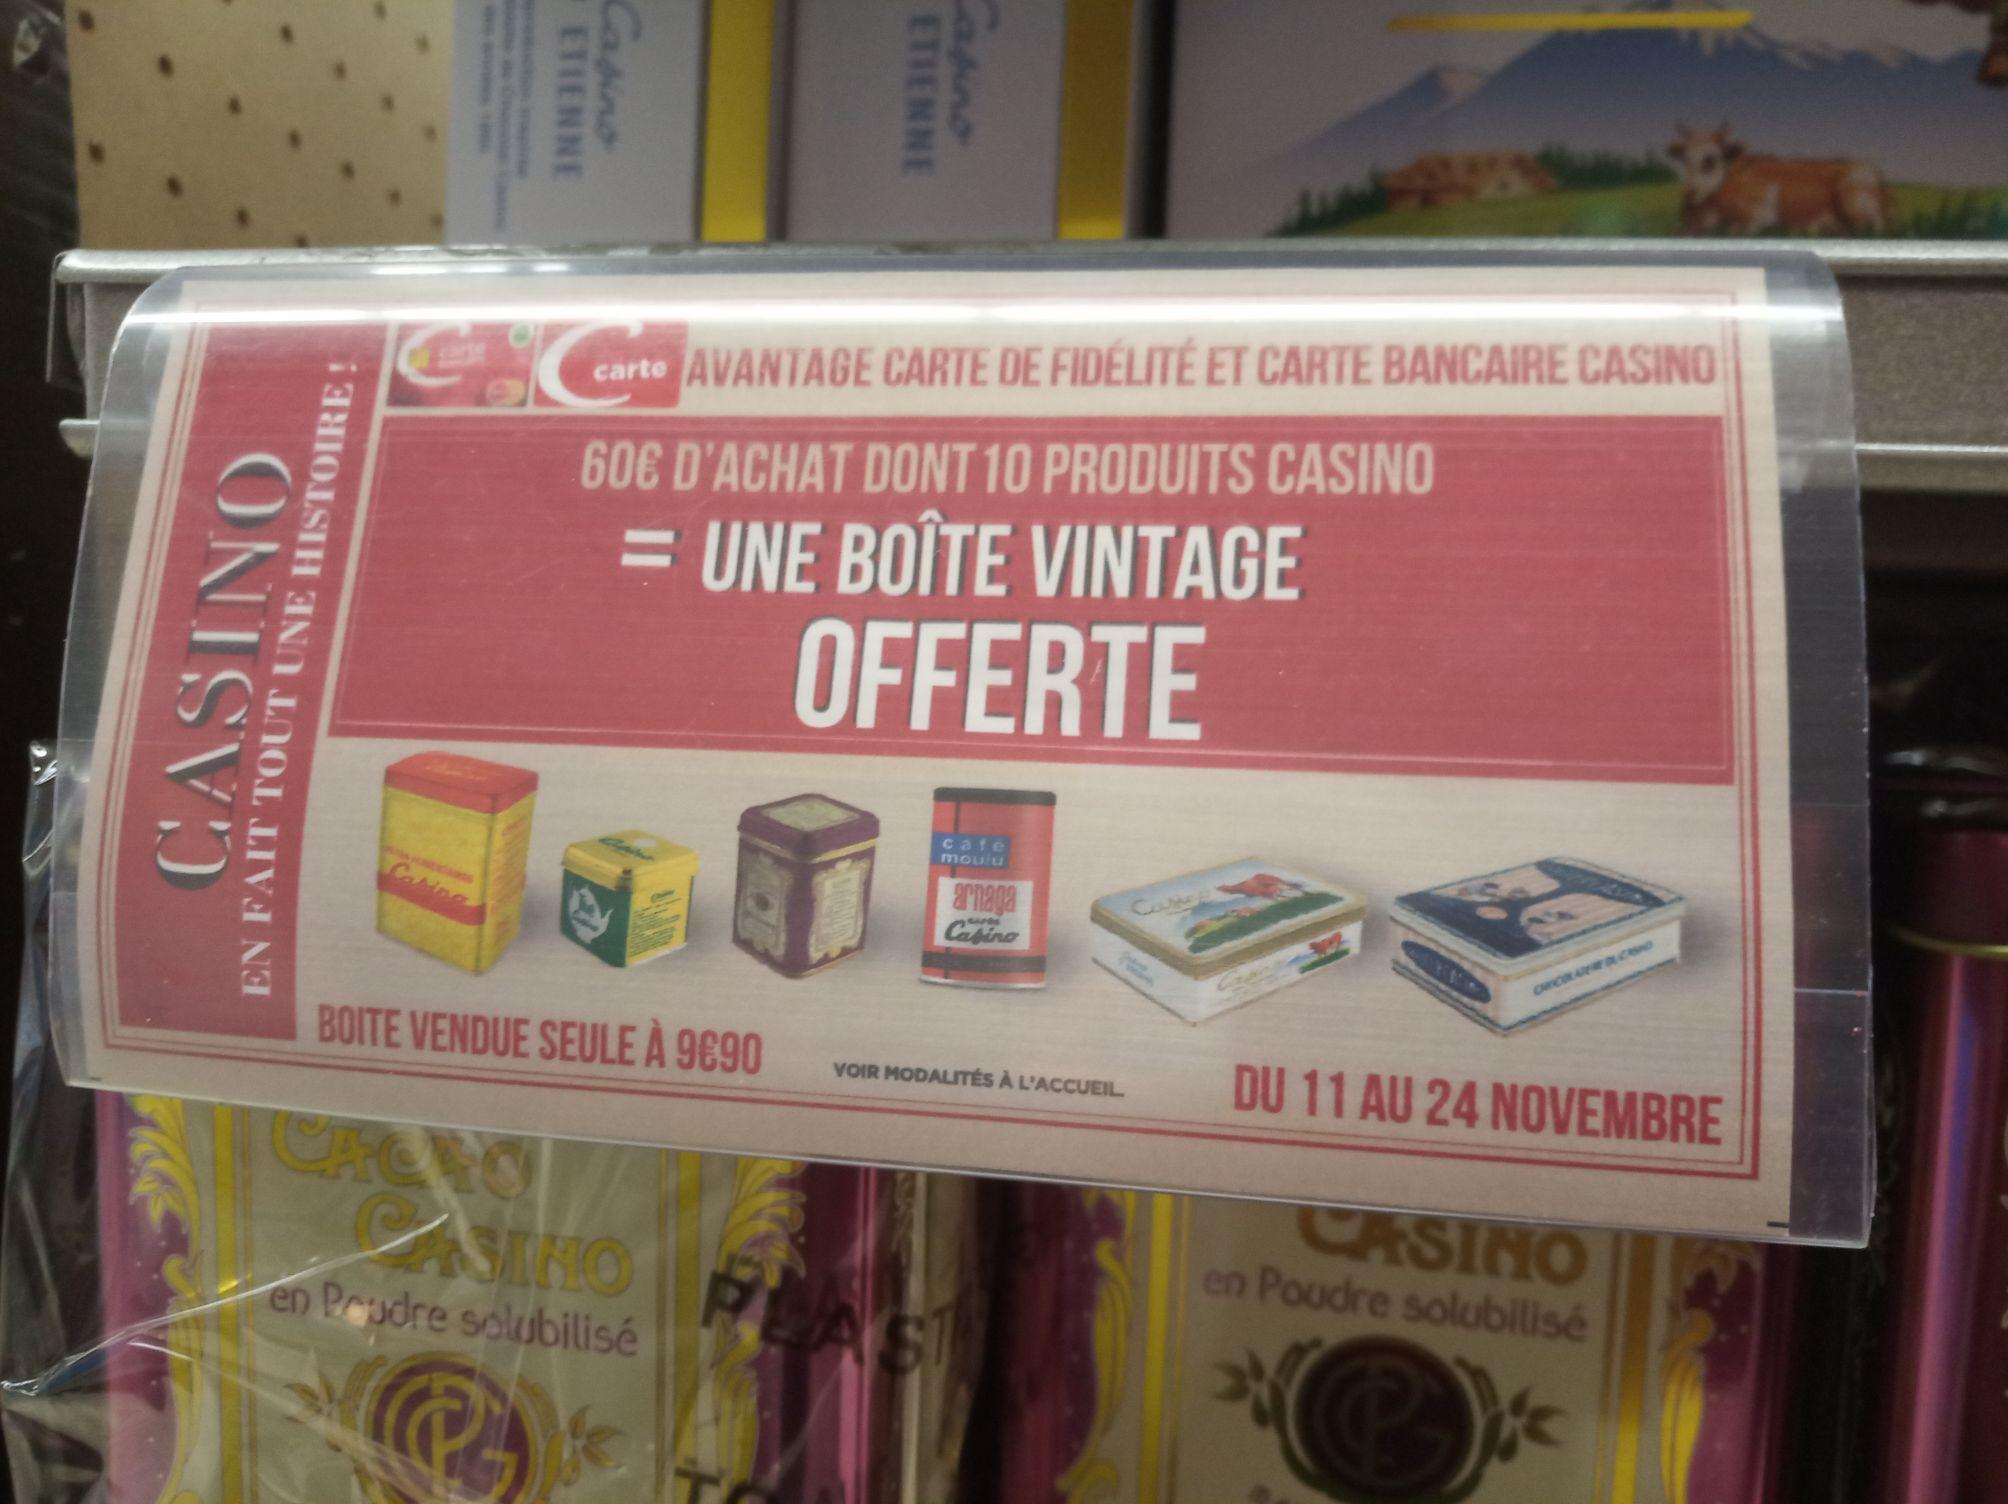 [Carte fidélité ou bancaire Casino] Une boite vintage offerte dès 60e d achat dont 10 produits casino - Géant Casino )